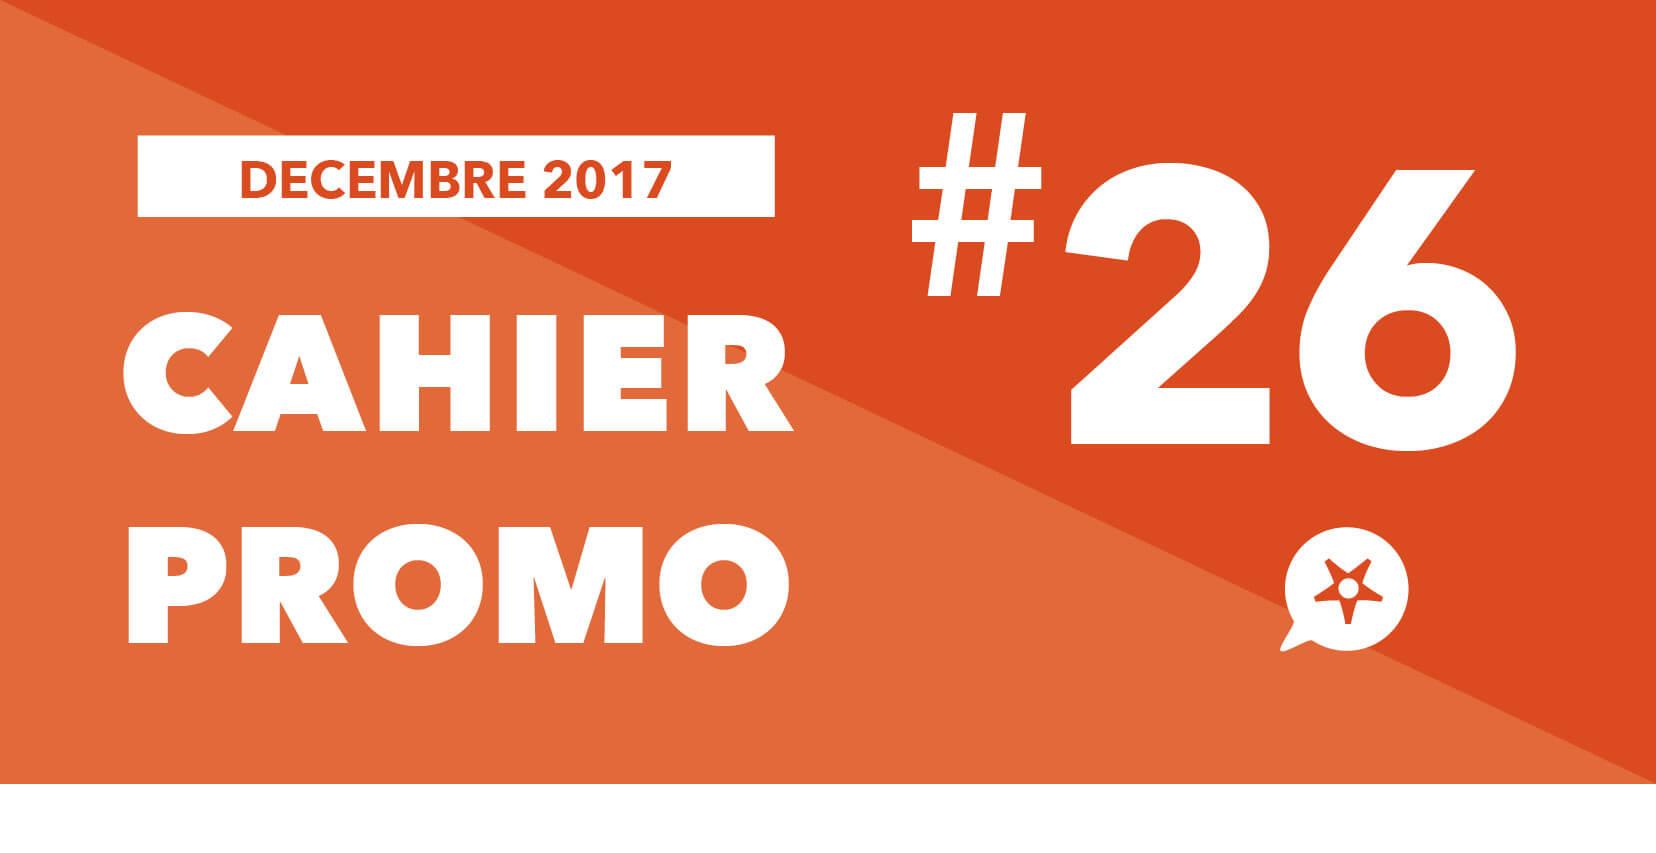 CAHIER PROMO DÉCEMBRE 2017